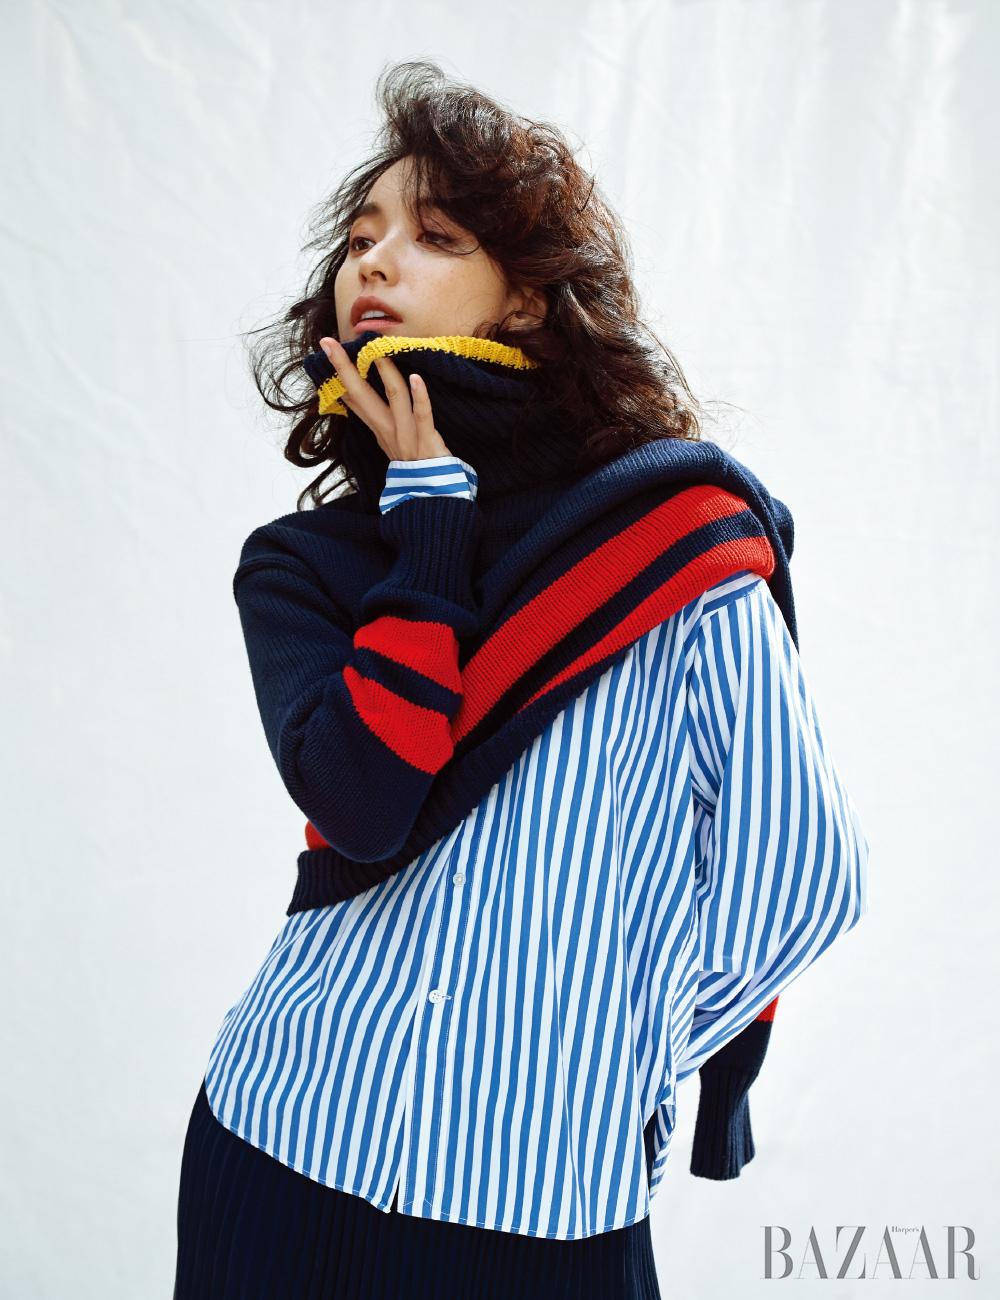 노티컬 스트라이프 스웨터, 스트라이프 셔츠, 플리츠 스커트는 모두 Polo Ralph Lauren.